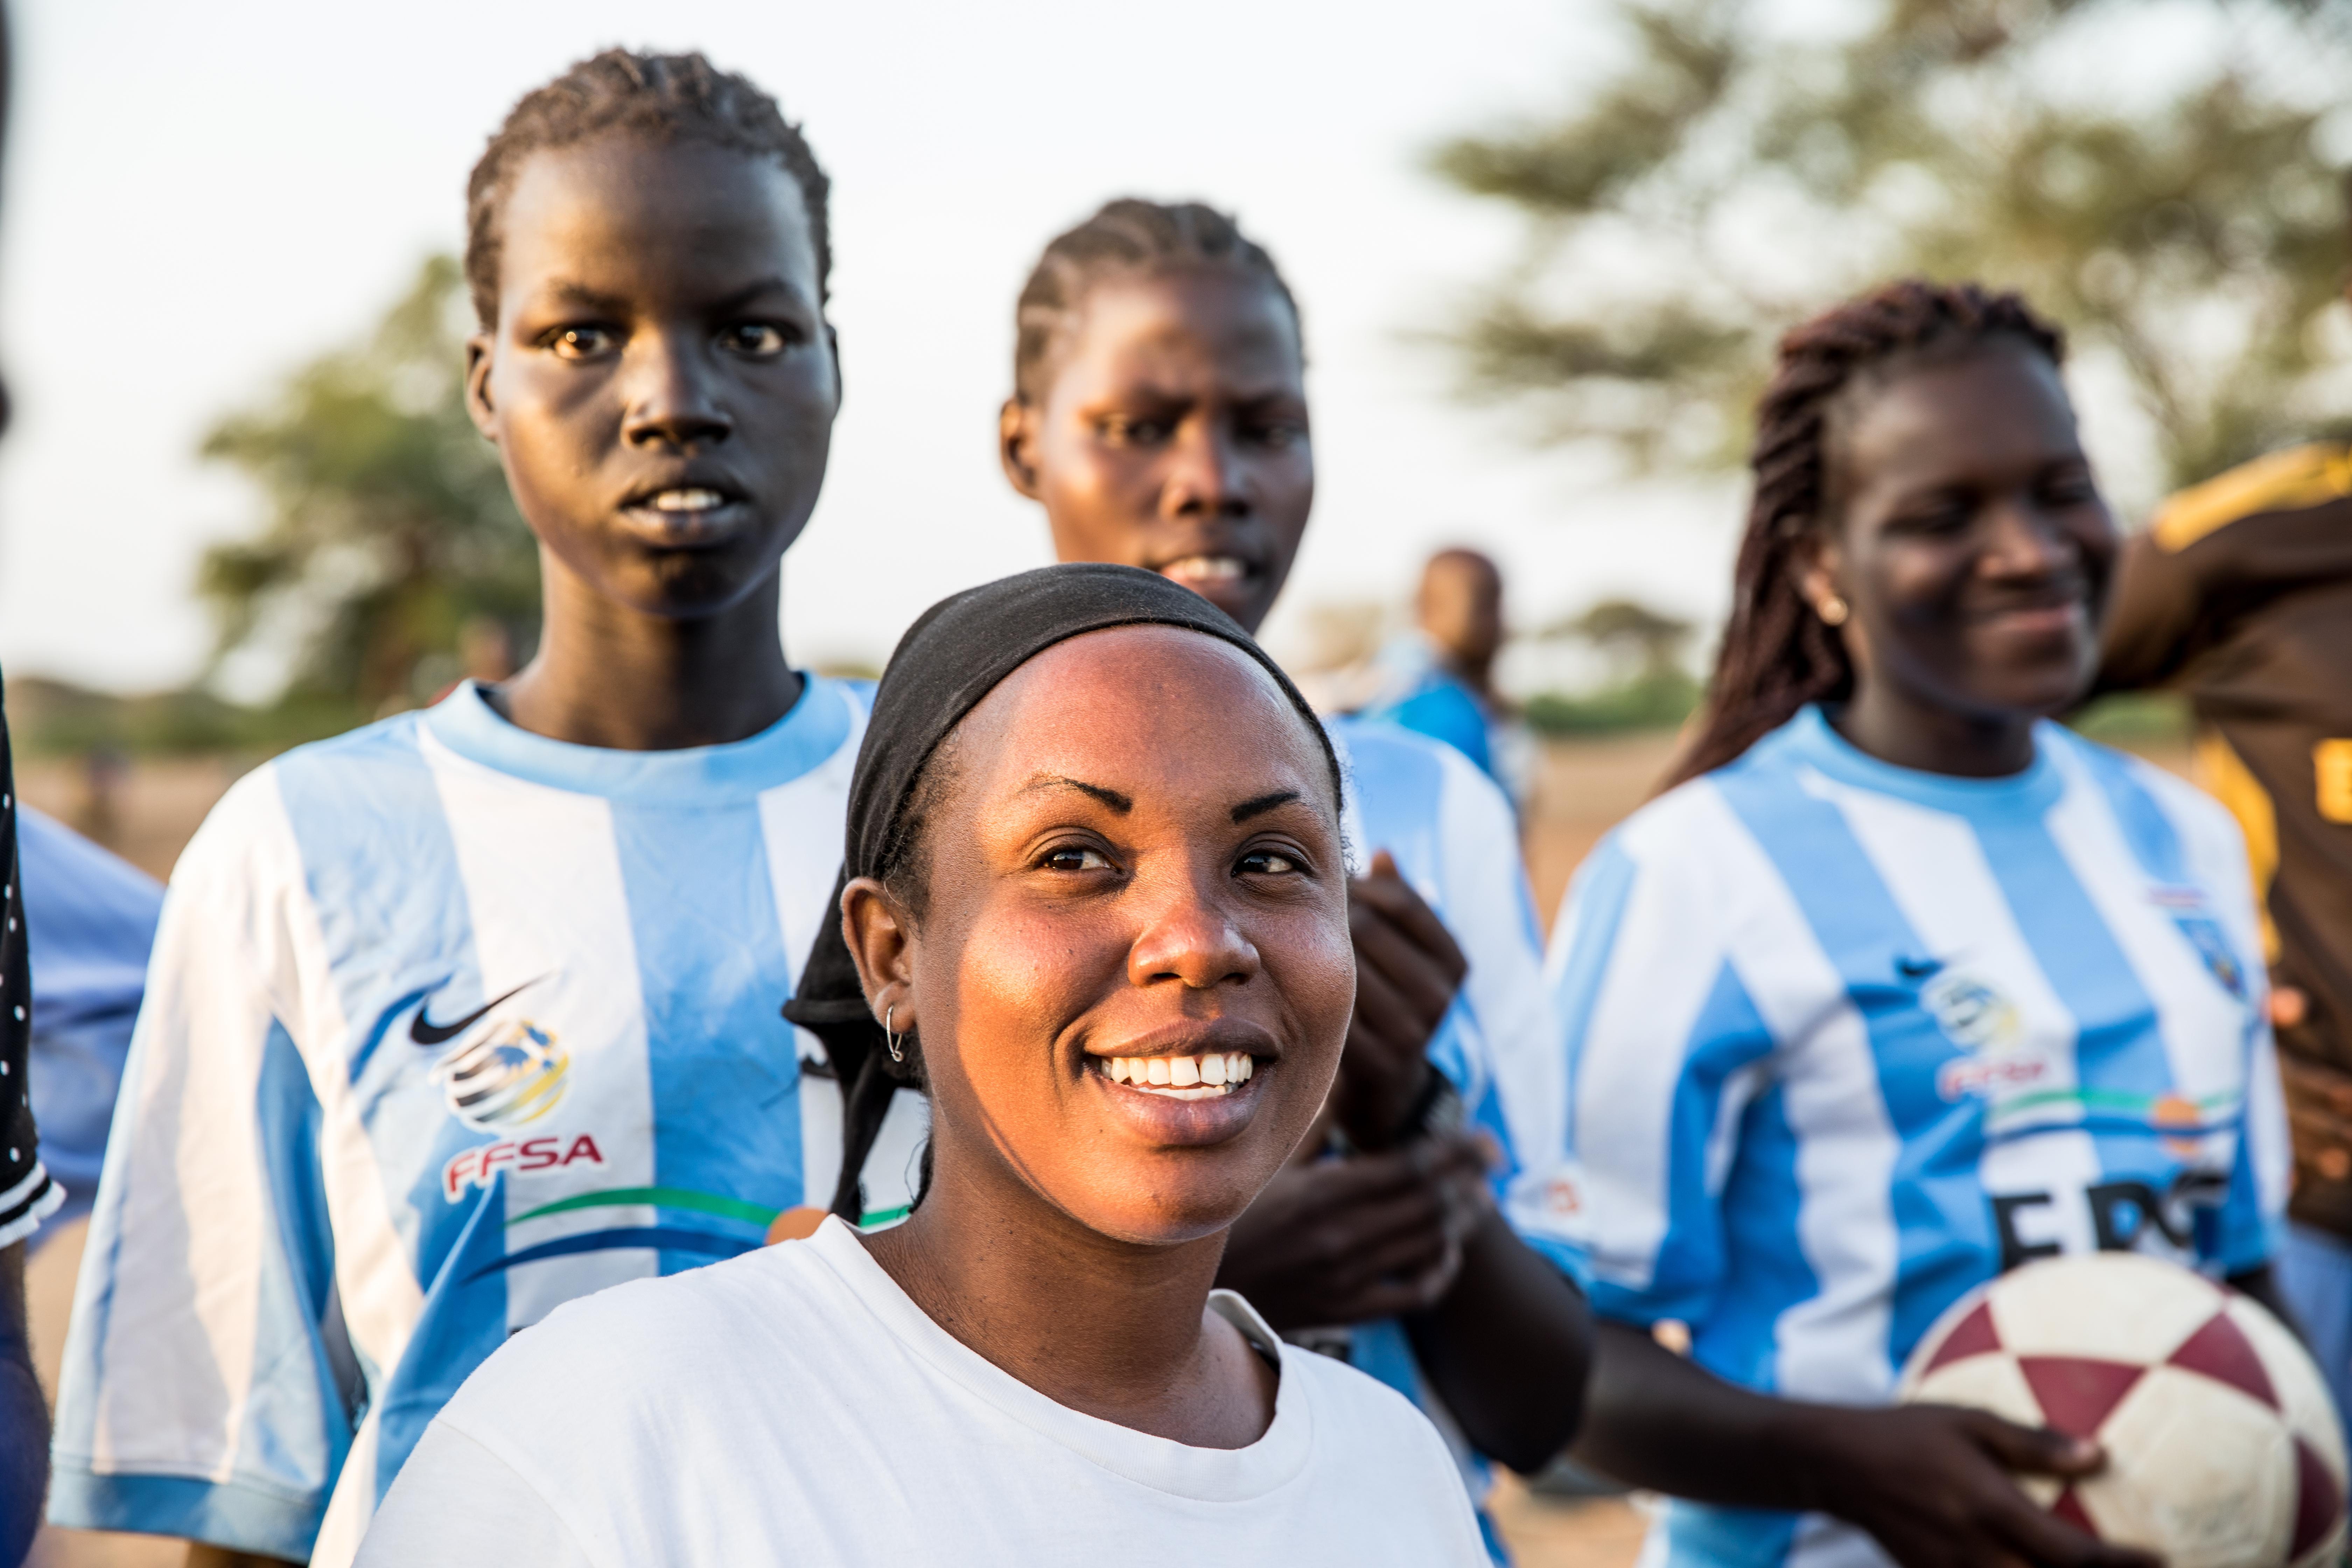 En leende kvinna i förgrunden, bakom tre personer i fotbollströjor varav en håller i en fotboll